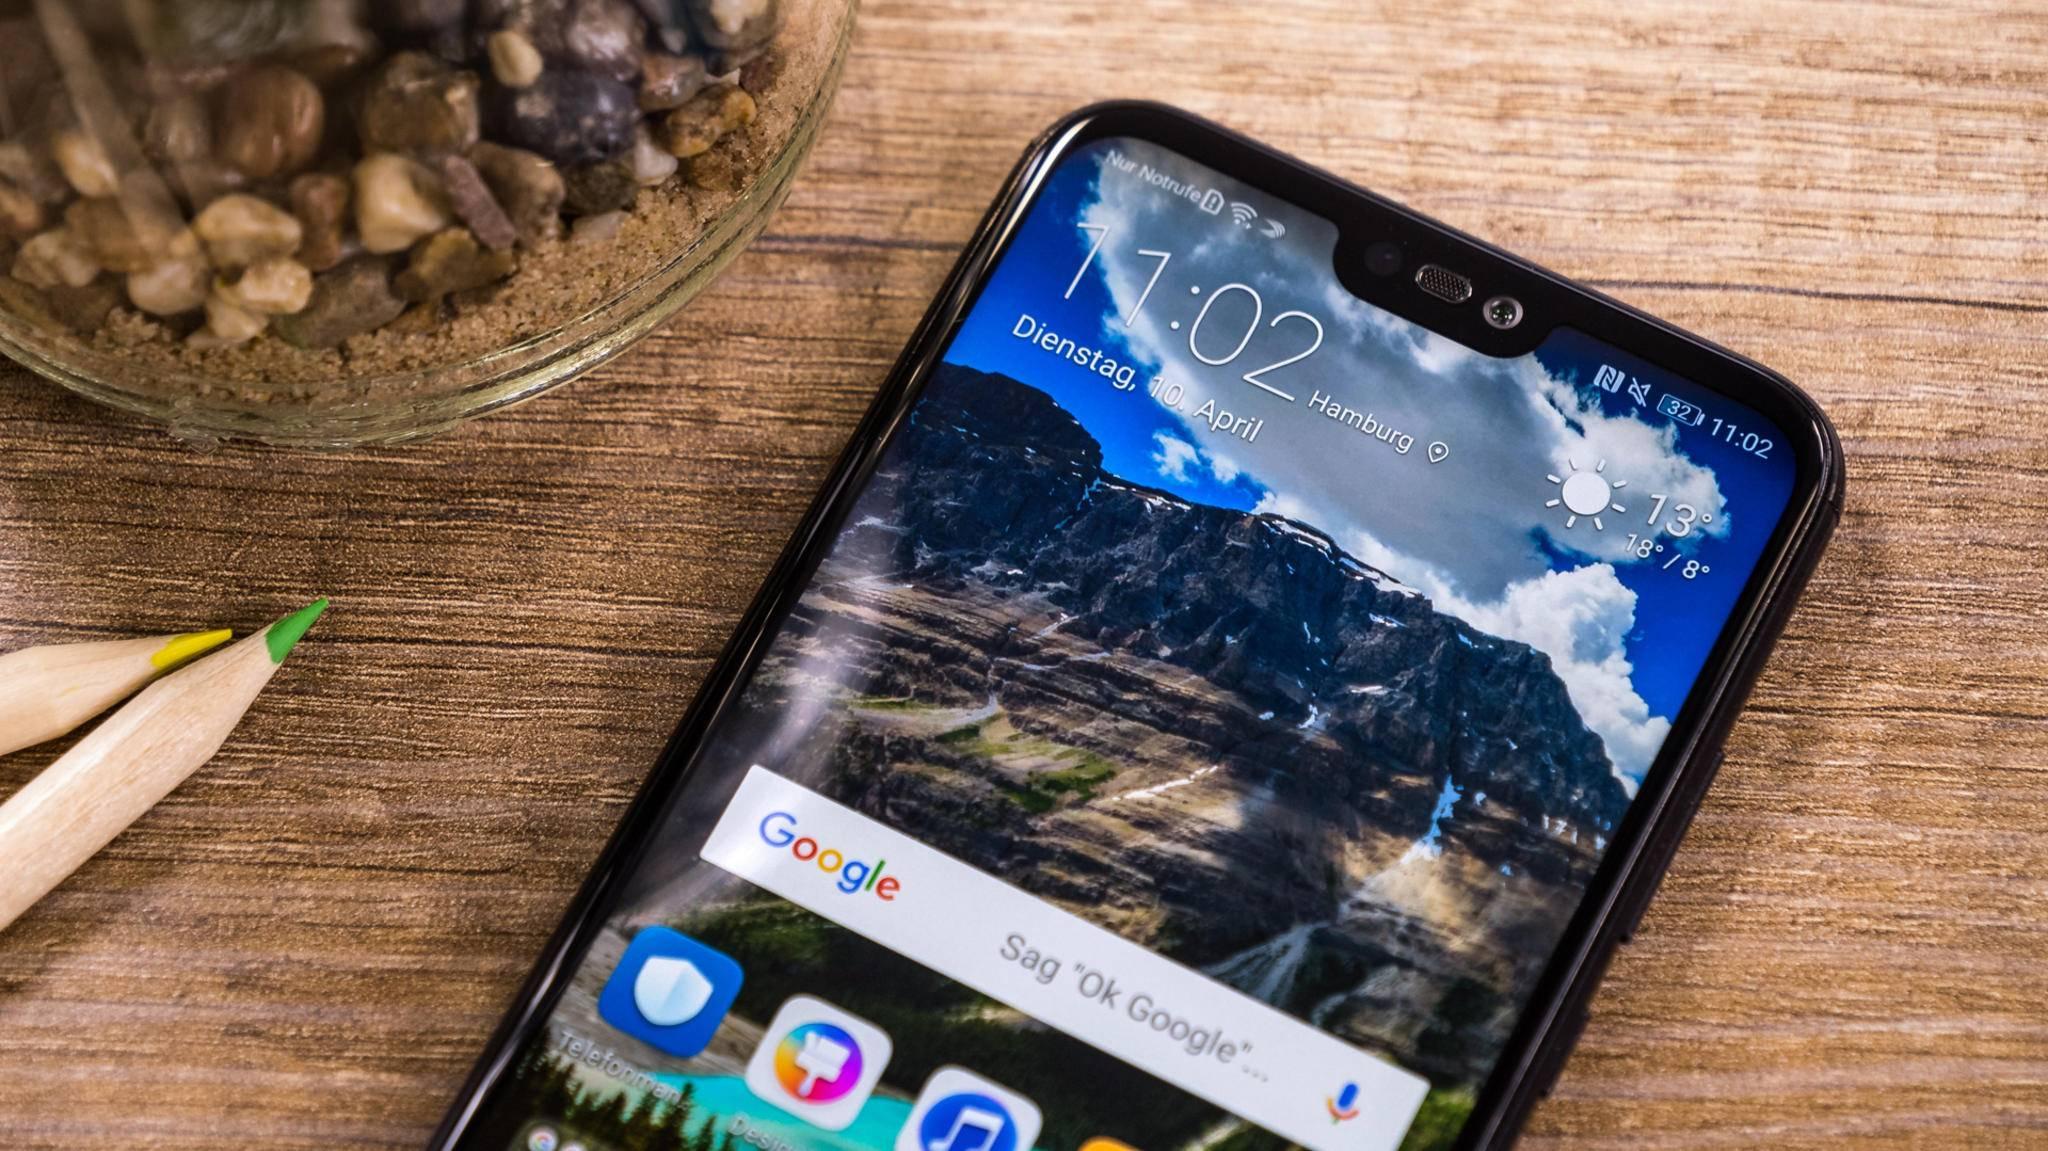 Immer mehr Android-Smartphones kommen mit Display-Kerbe daher.